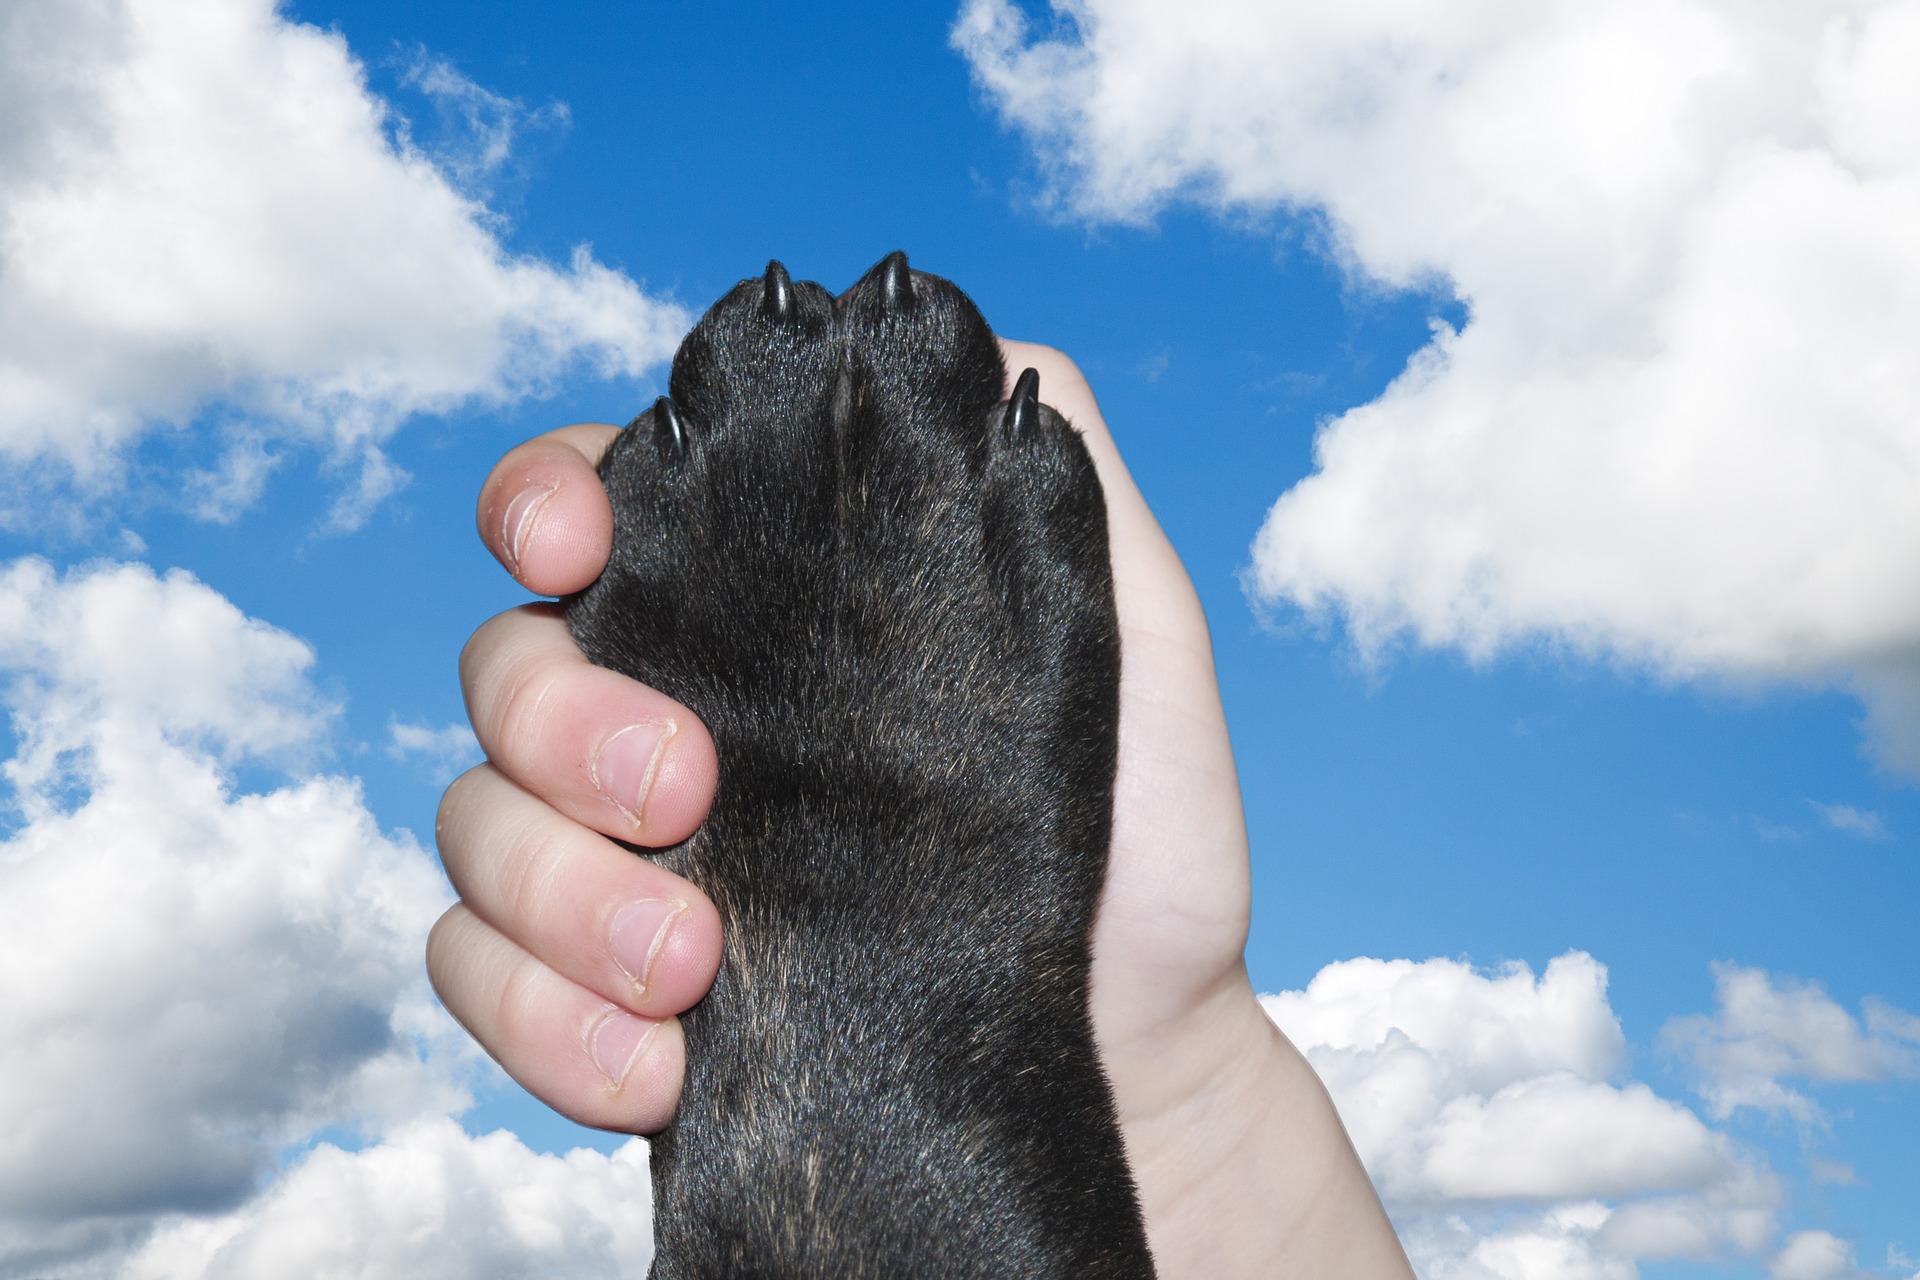 zakon o zaštiti životinja